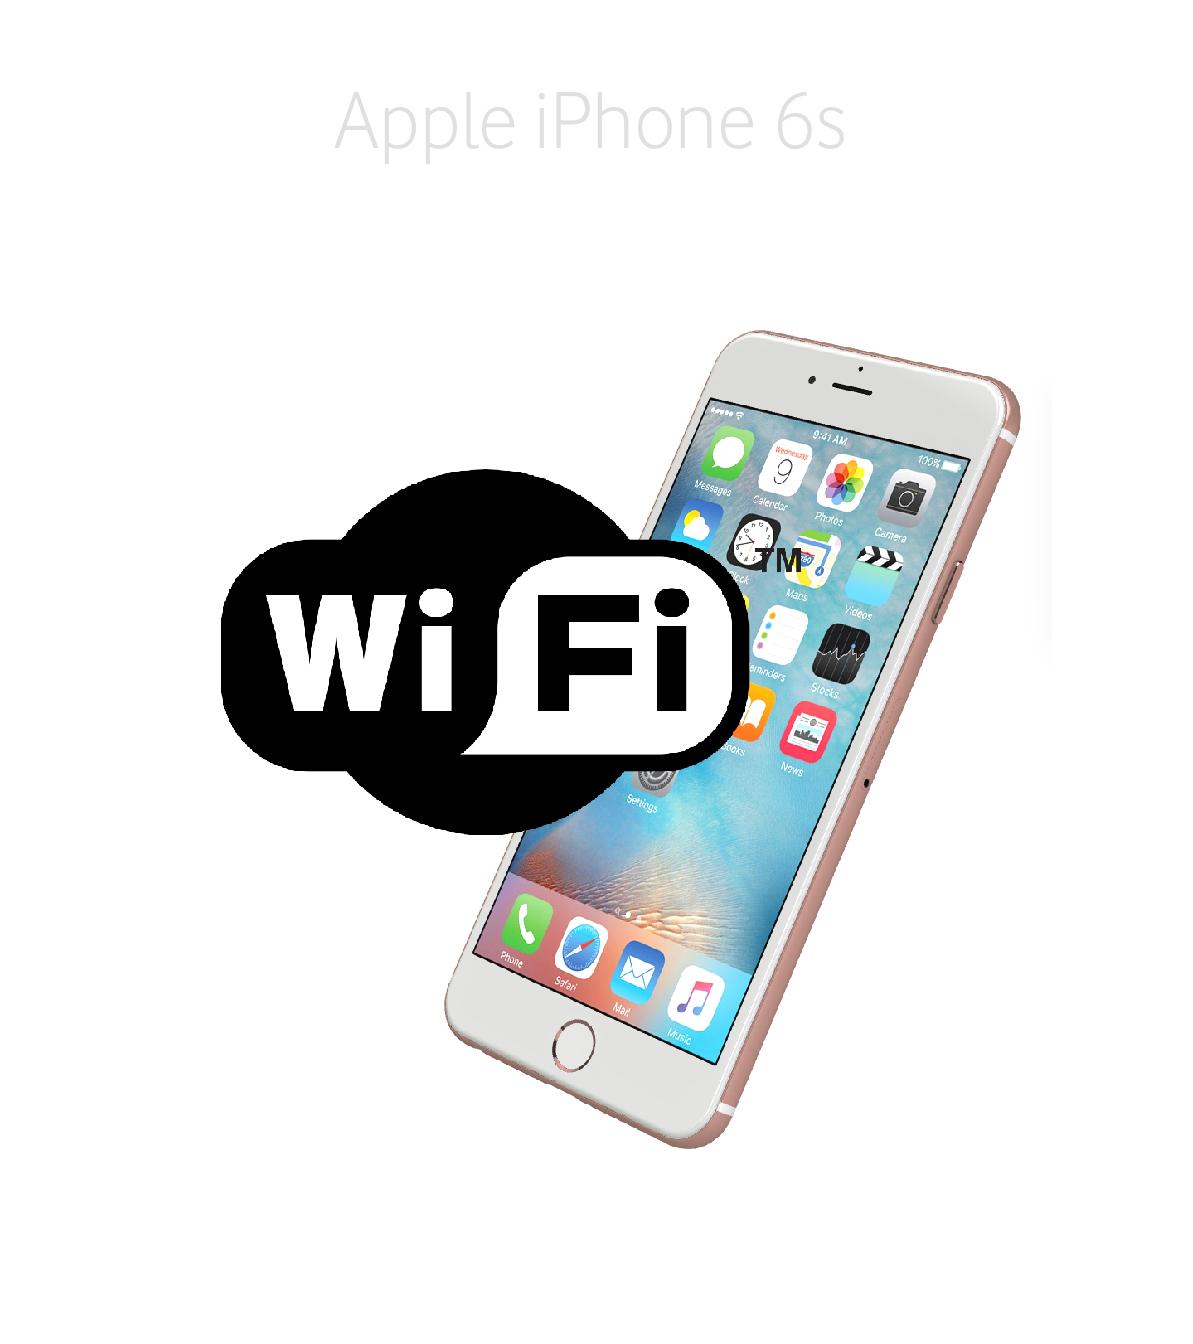 Laga Wifi iPhone 6s